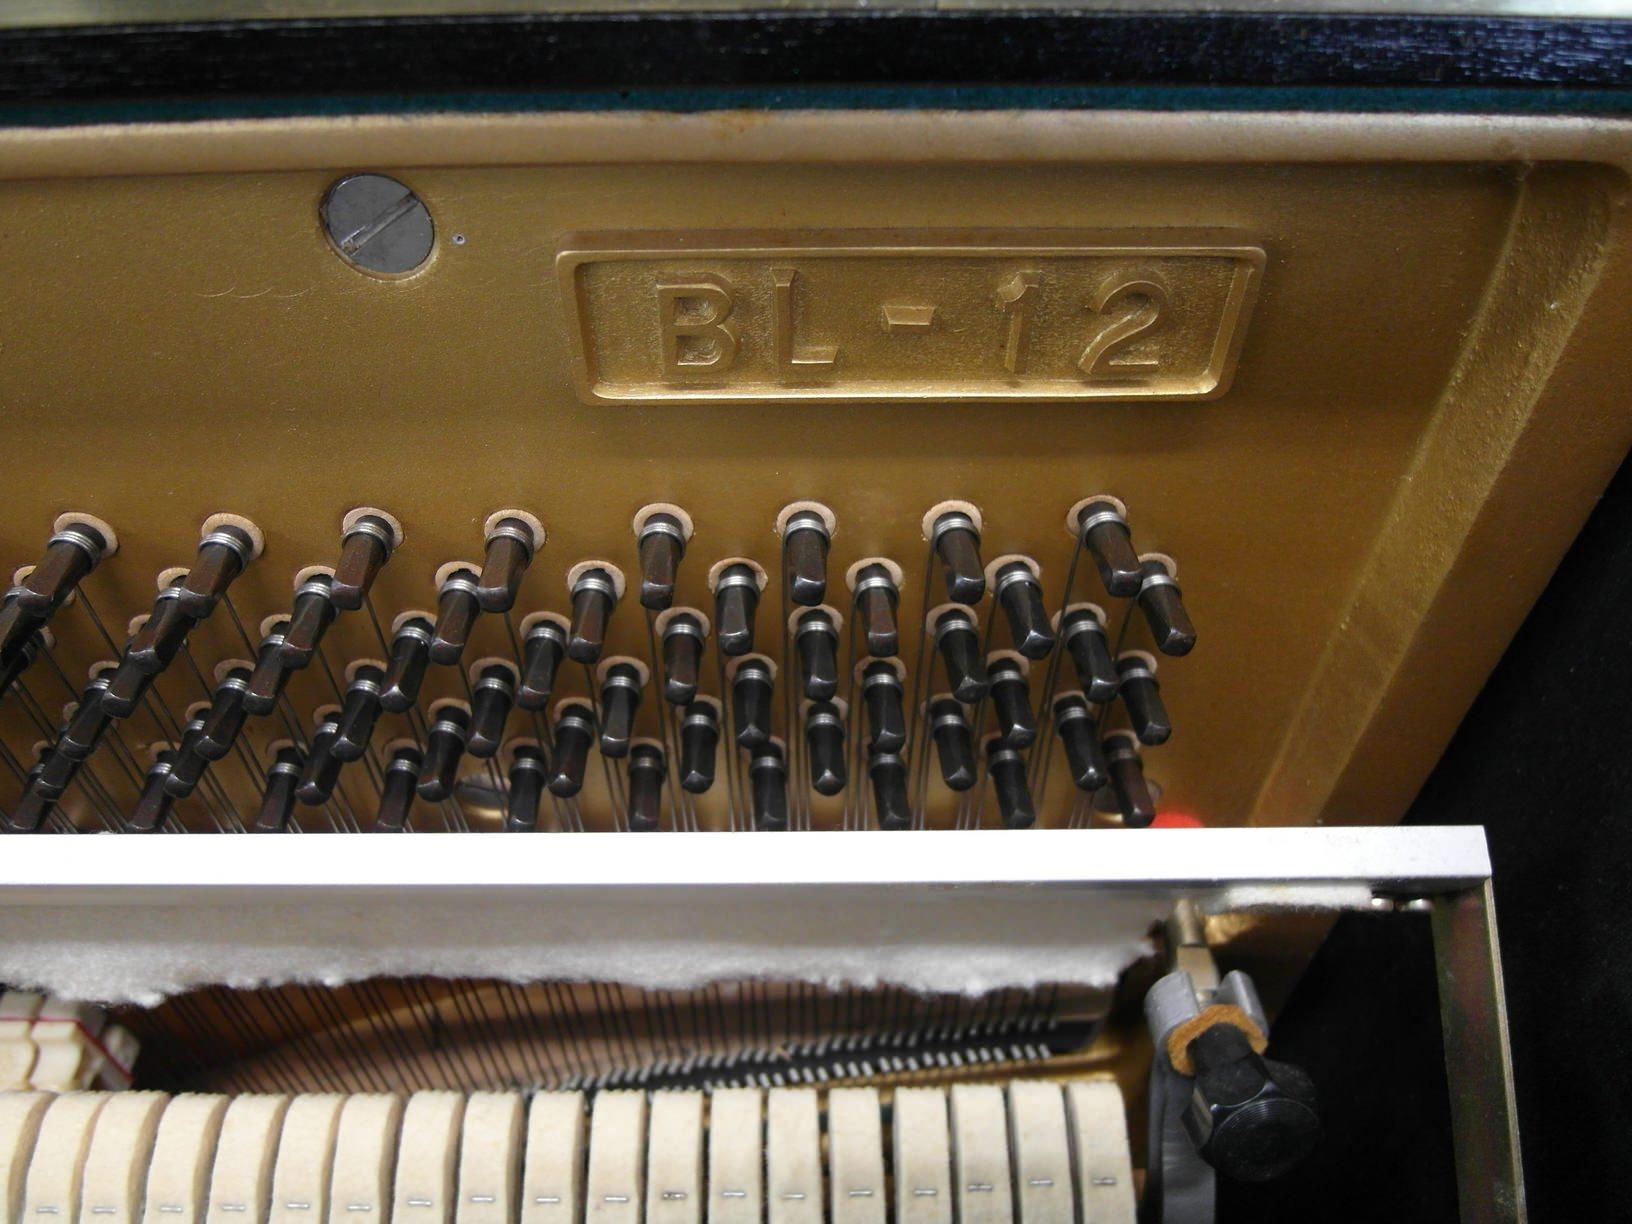 used kawai piano BL-12 interior